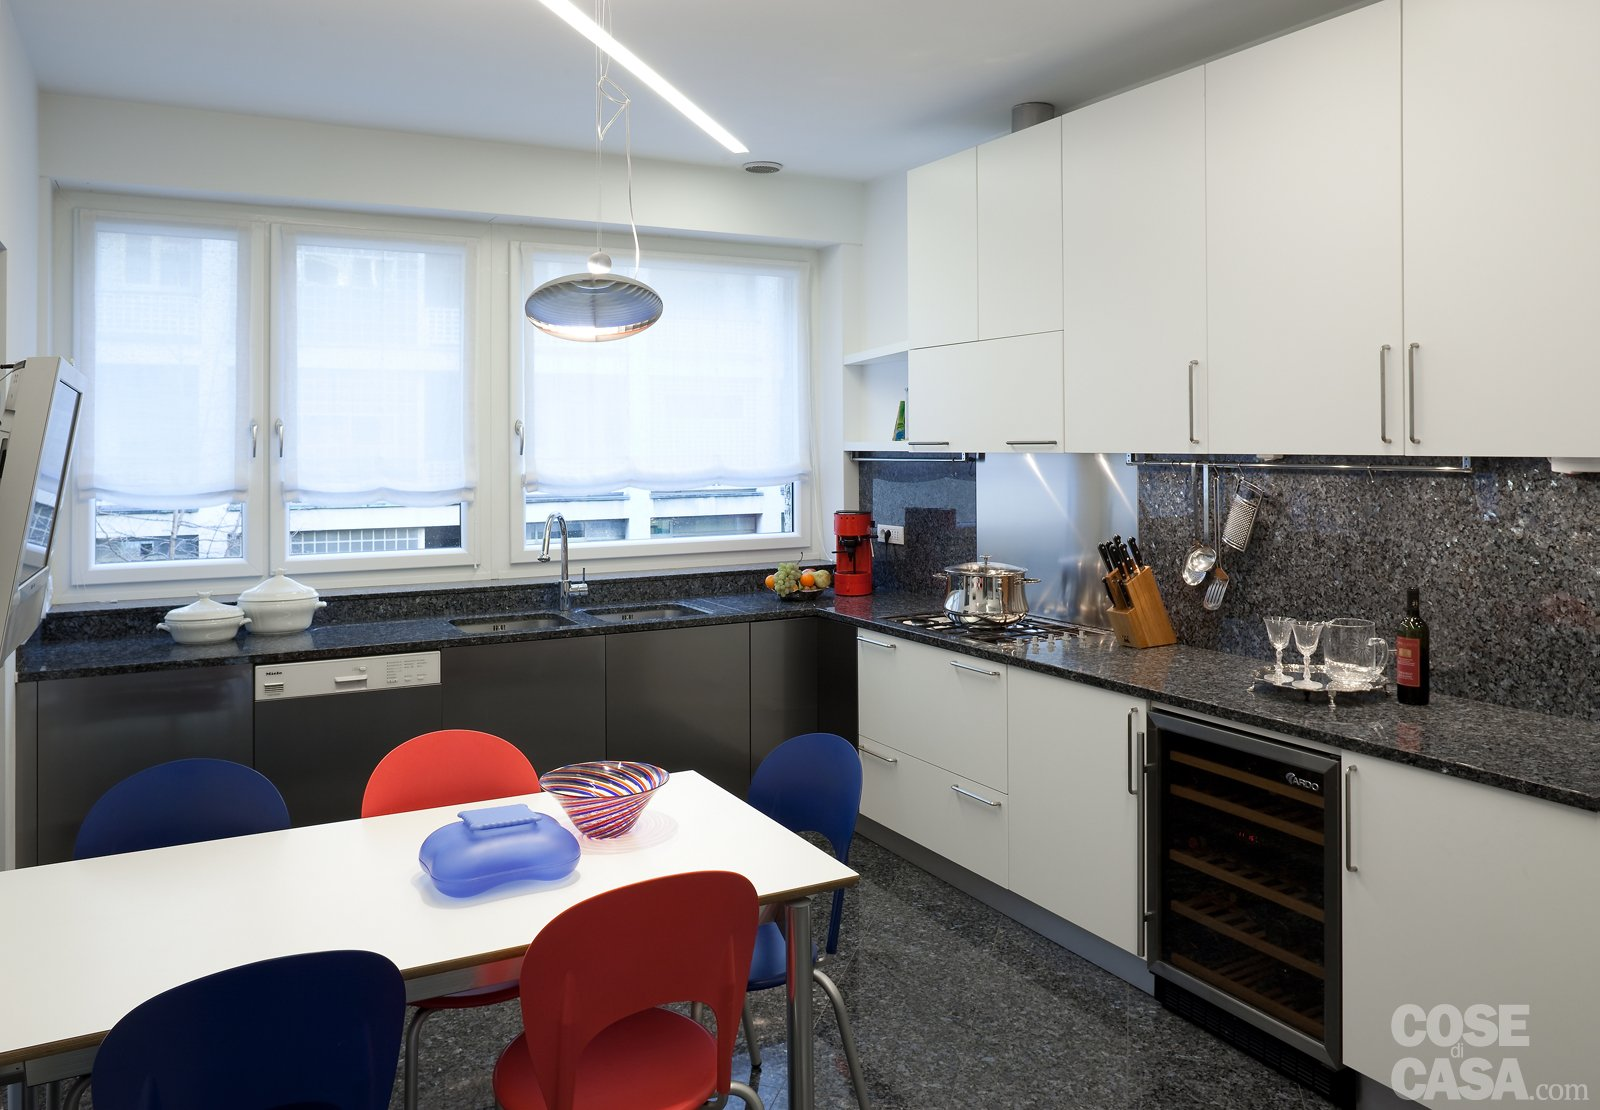 Penisola per cucina piccola - Cucina ad angolo con finestra ...